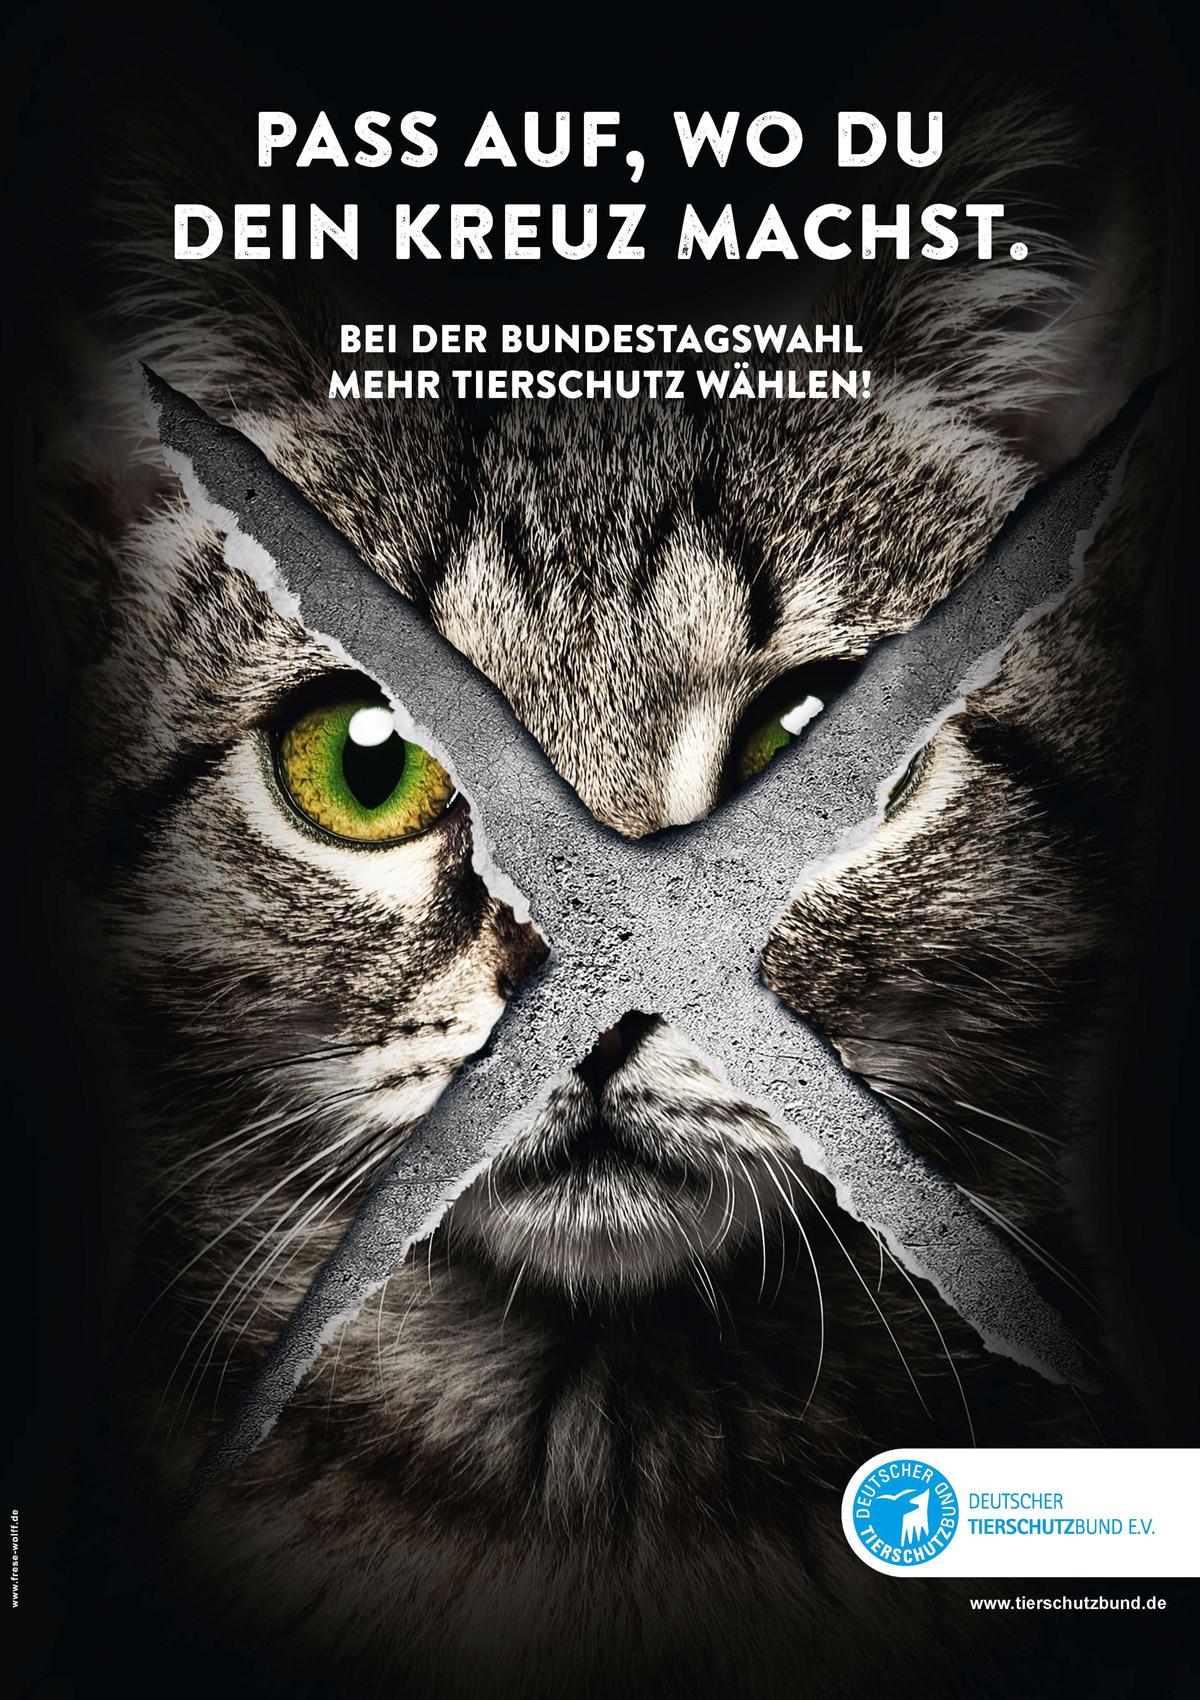 Mit Kampagnenplakaten macht der Deutsche Tierschutzbund Wählerinnen und Wähler darauf aufmerksam, dass sie mit ihrer Wahlentscheidung auch den Grundstein für den Tierschutz in den nächsten Jahren legen.